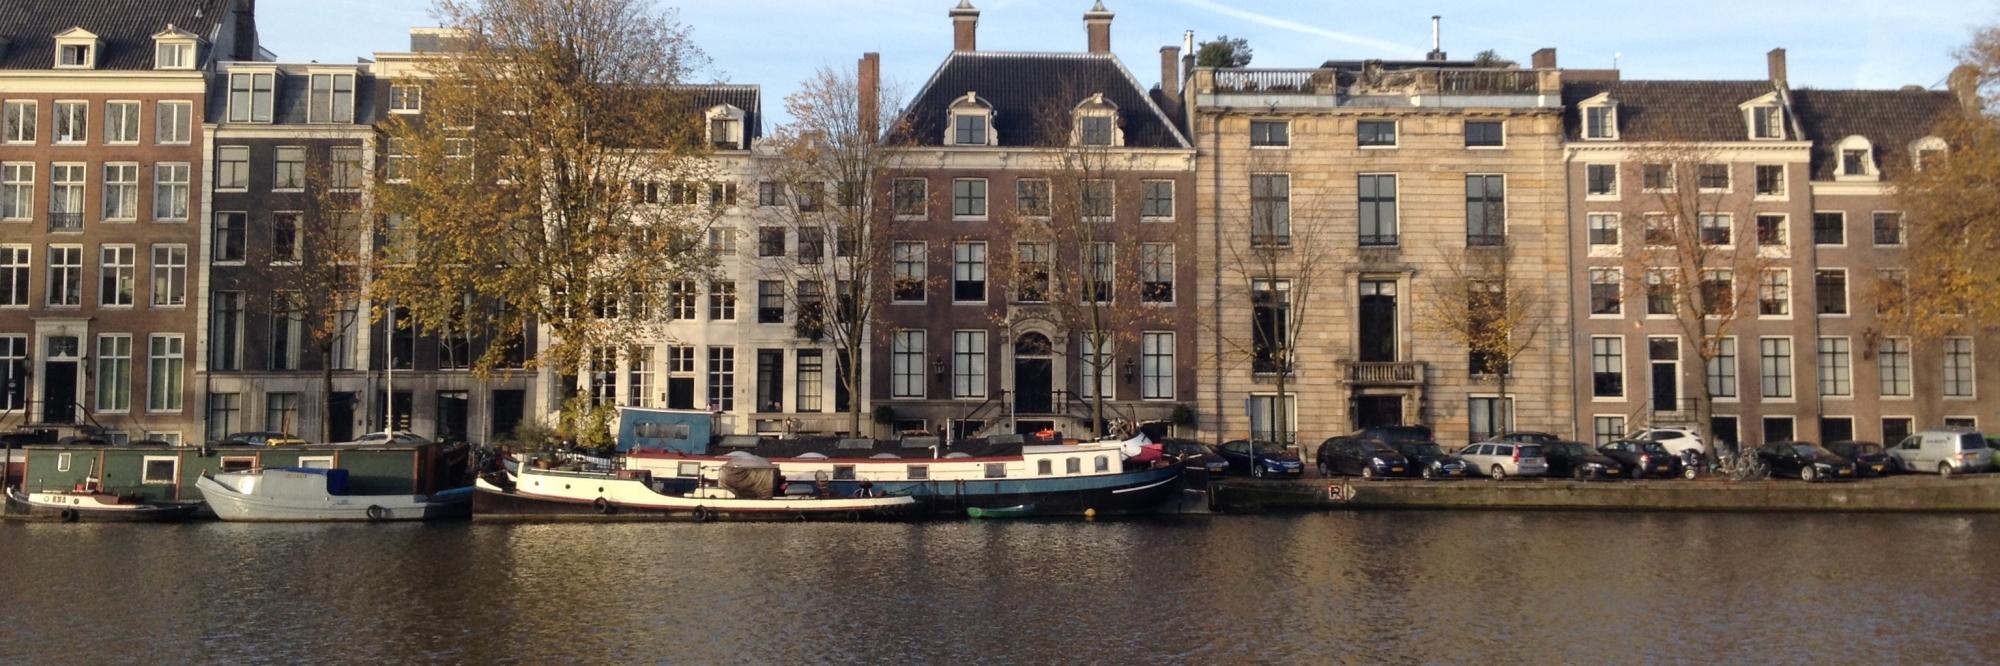 Amstelhuizen - Cordaan Wonen